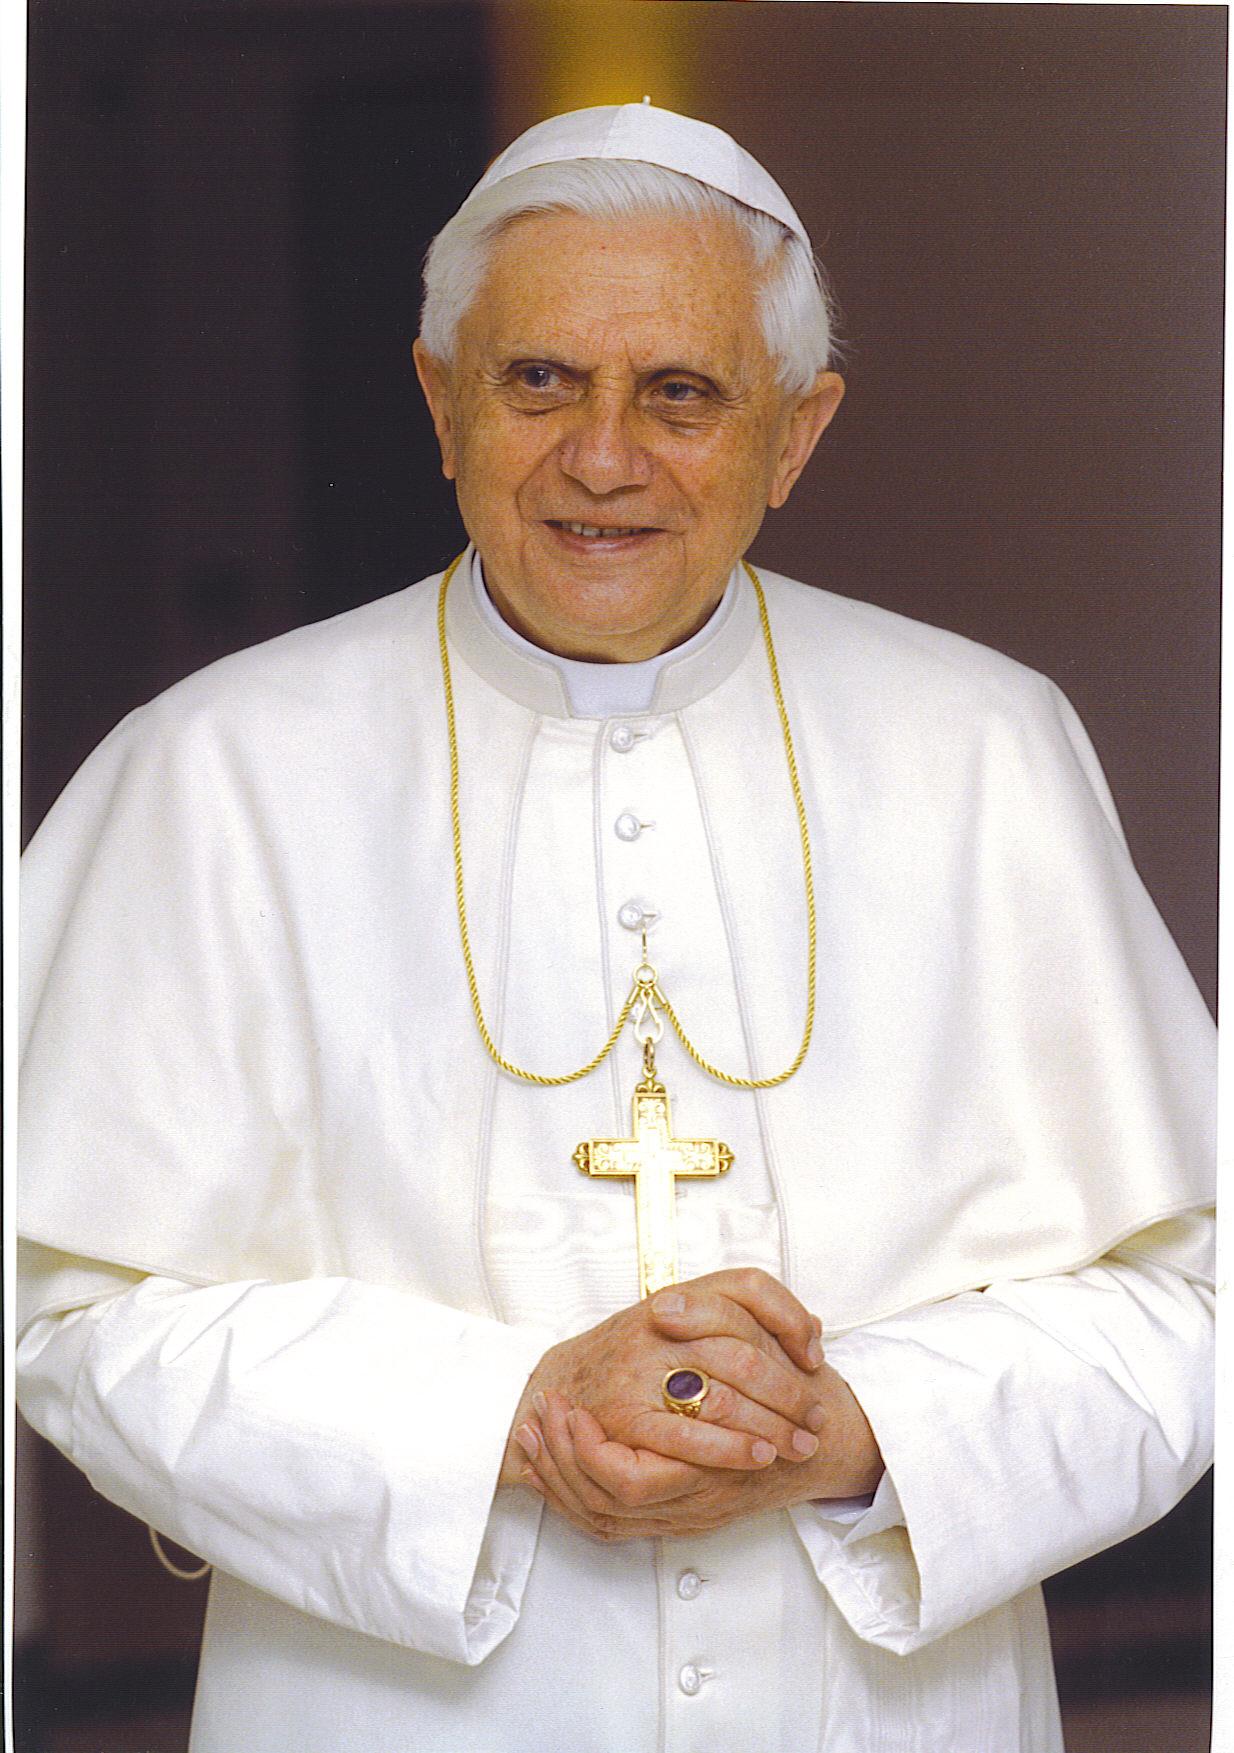 Grandes multitudes en el Vaticano aclamaron al papa Benedicto XVI este ...